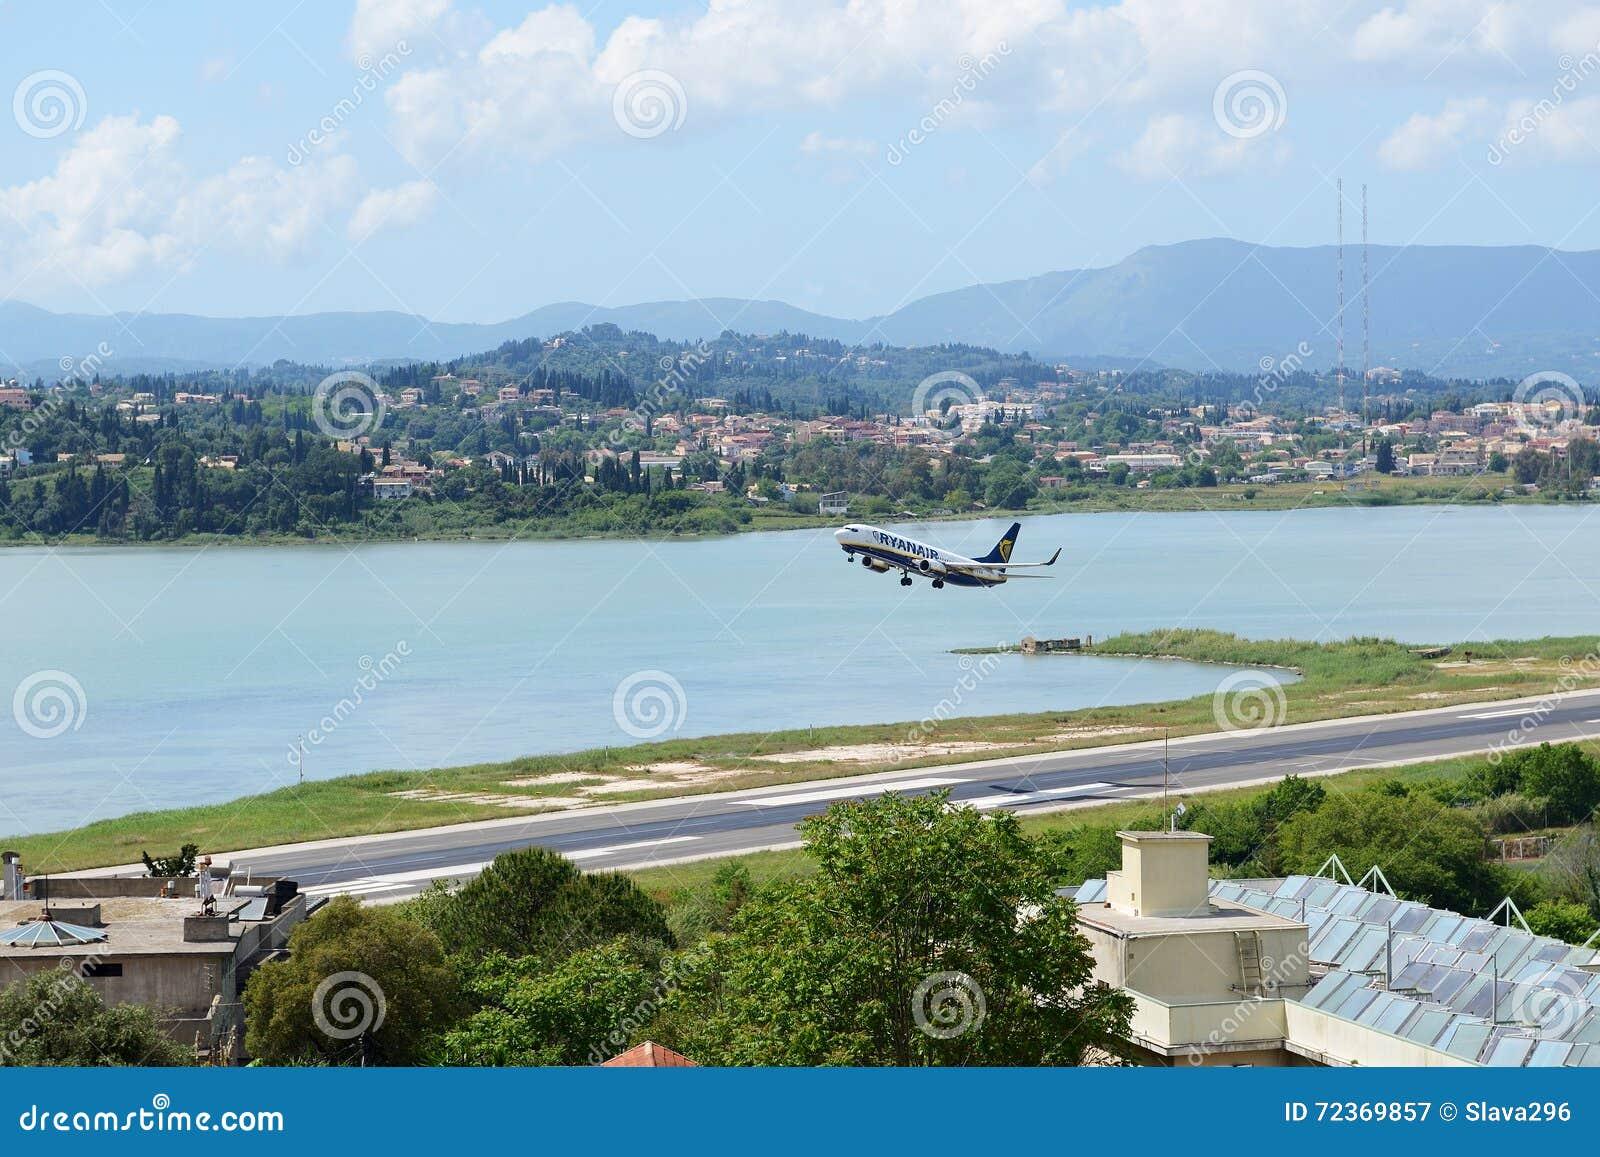 瑞安航空公司航空公司航空器离开在克基拉岛扬尼斯・卡波迪斯特里亚斯国际机场的